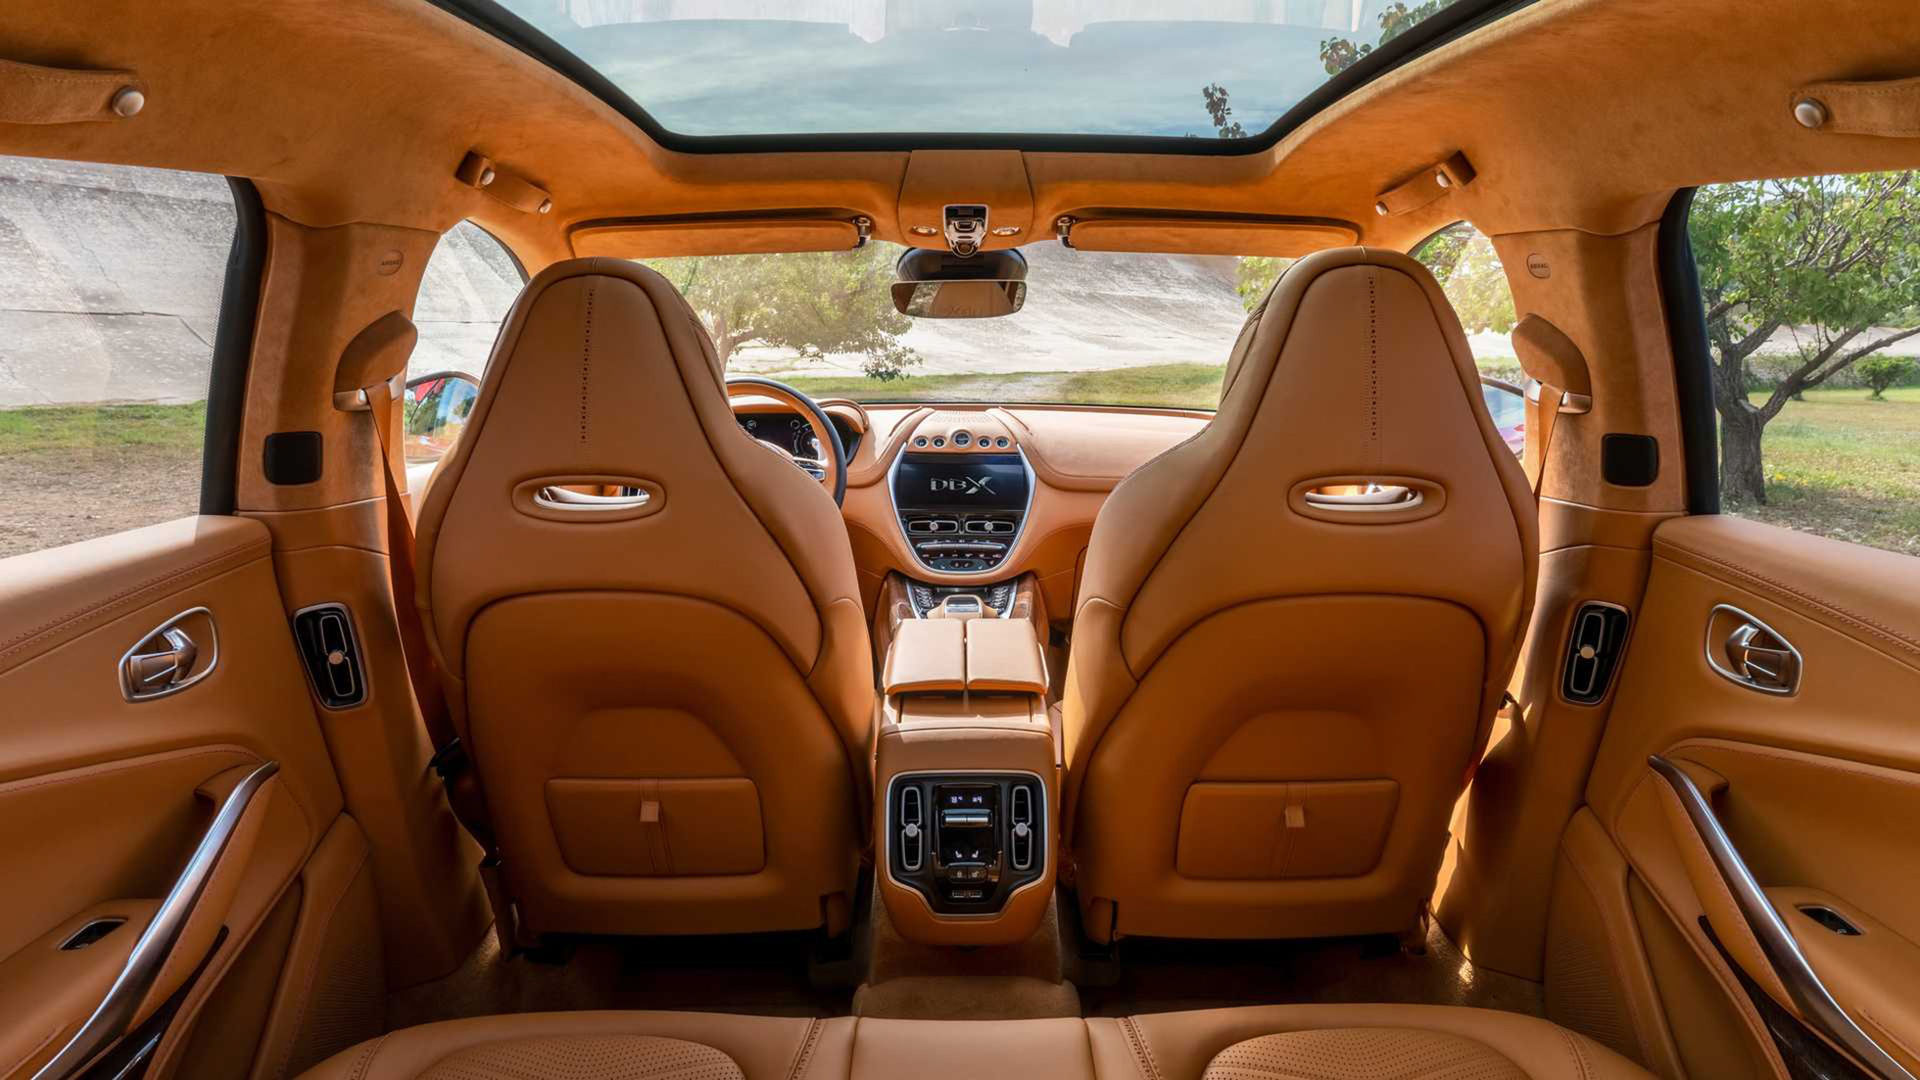 Aston Martin visar mer av insidan på DBX